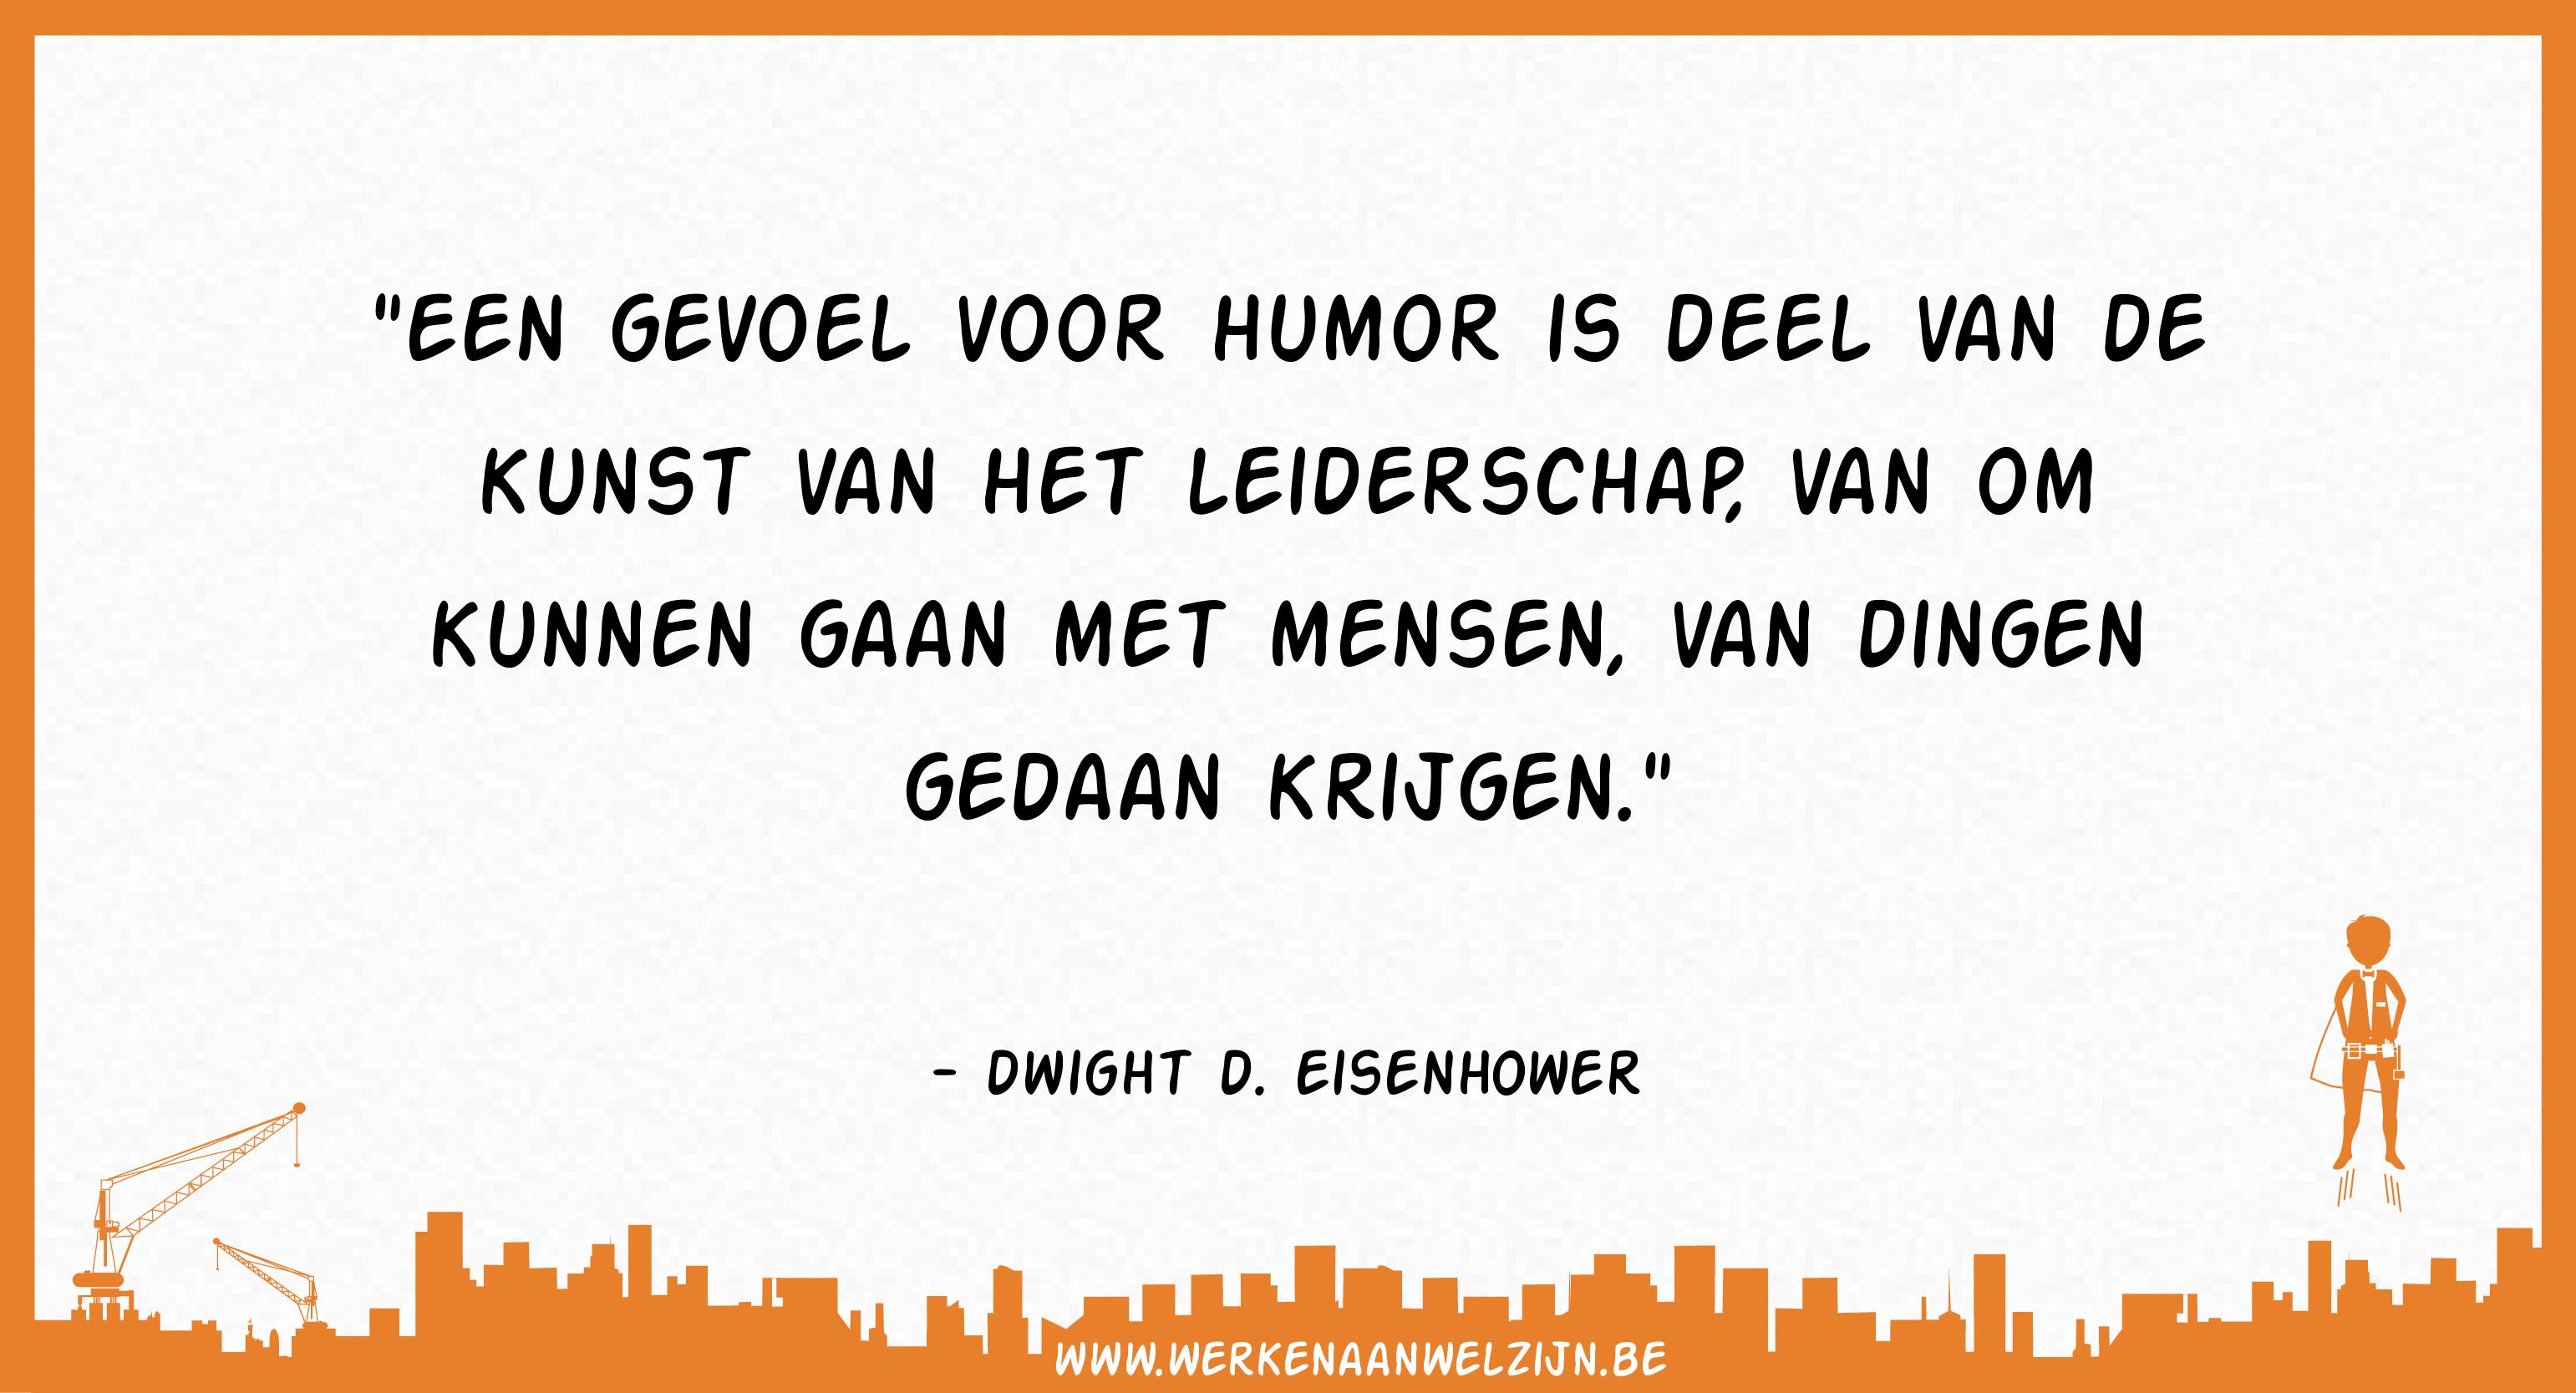 Een gevoel voor humor is deel van de kunst van het leiderschap, van om kunnen gaan met mensen, van dingen gedaan krijgen. (Dwight D. Eisenhower)